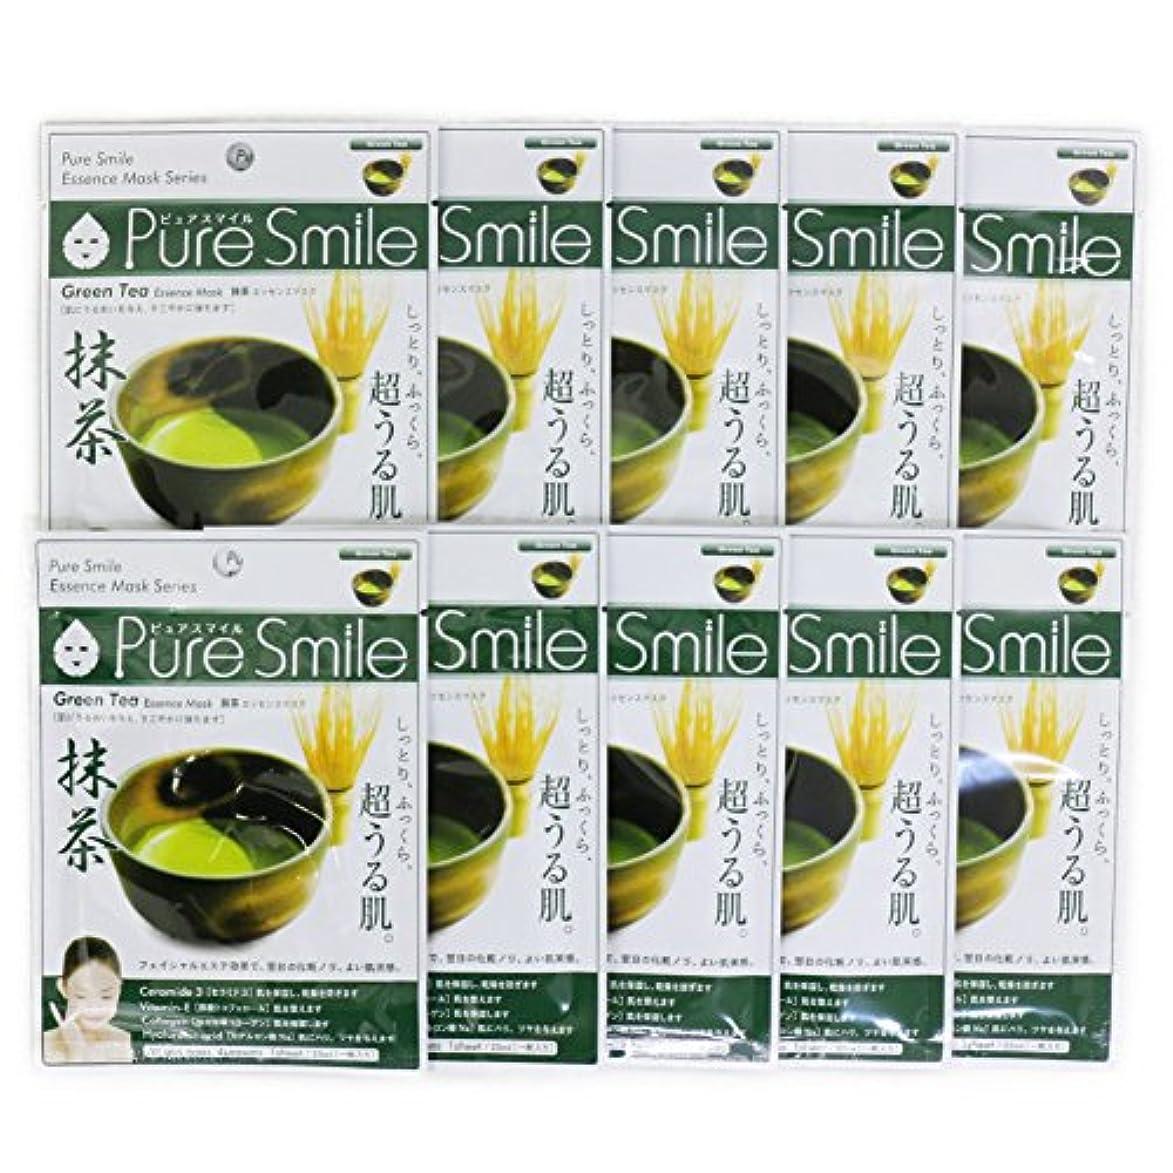 硬さ薄汚い別のPure Smile ピュアスマイル エッセンスマスク 抹茶 10枚セット